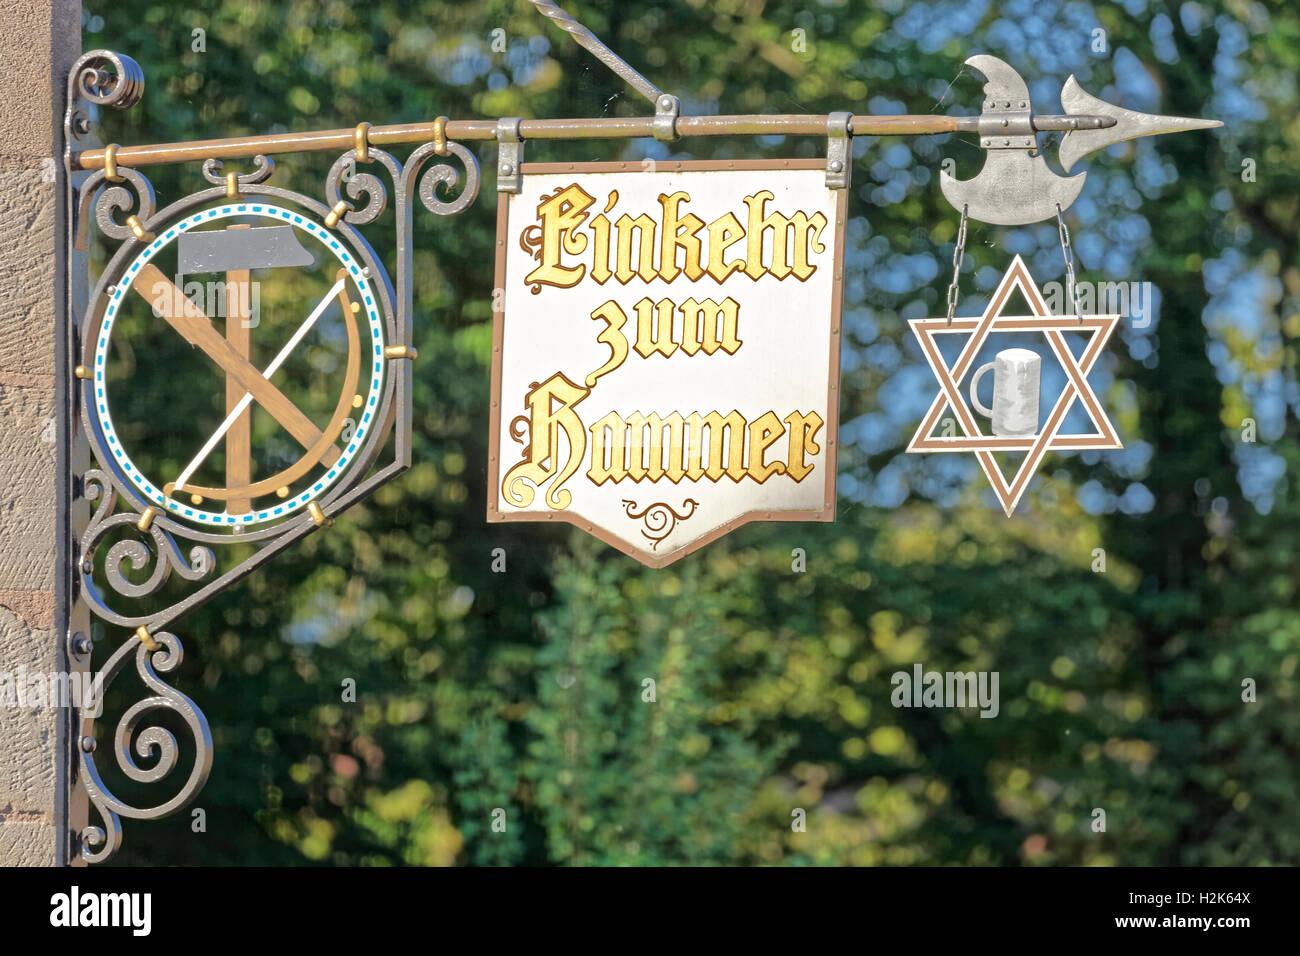 Schilder mit Aufschrift Kontemplation, hammer, Taverne, historischen Fabrik Hammer, Laufamholz, Nürnberg, Mittelfranken Stockbild